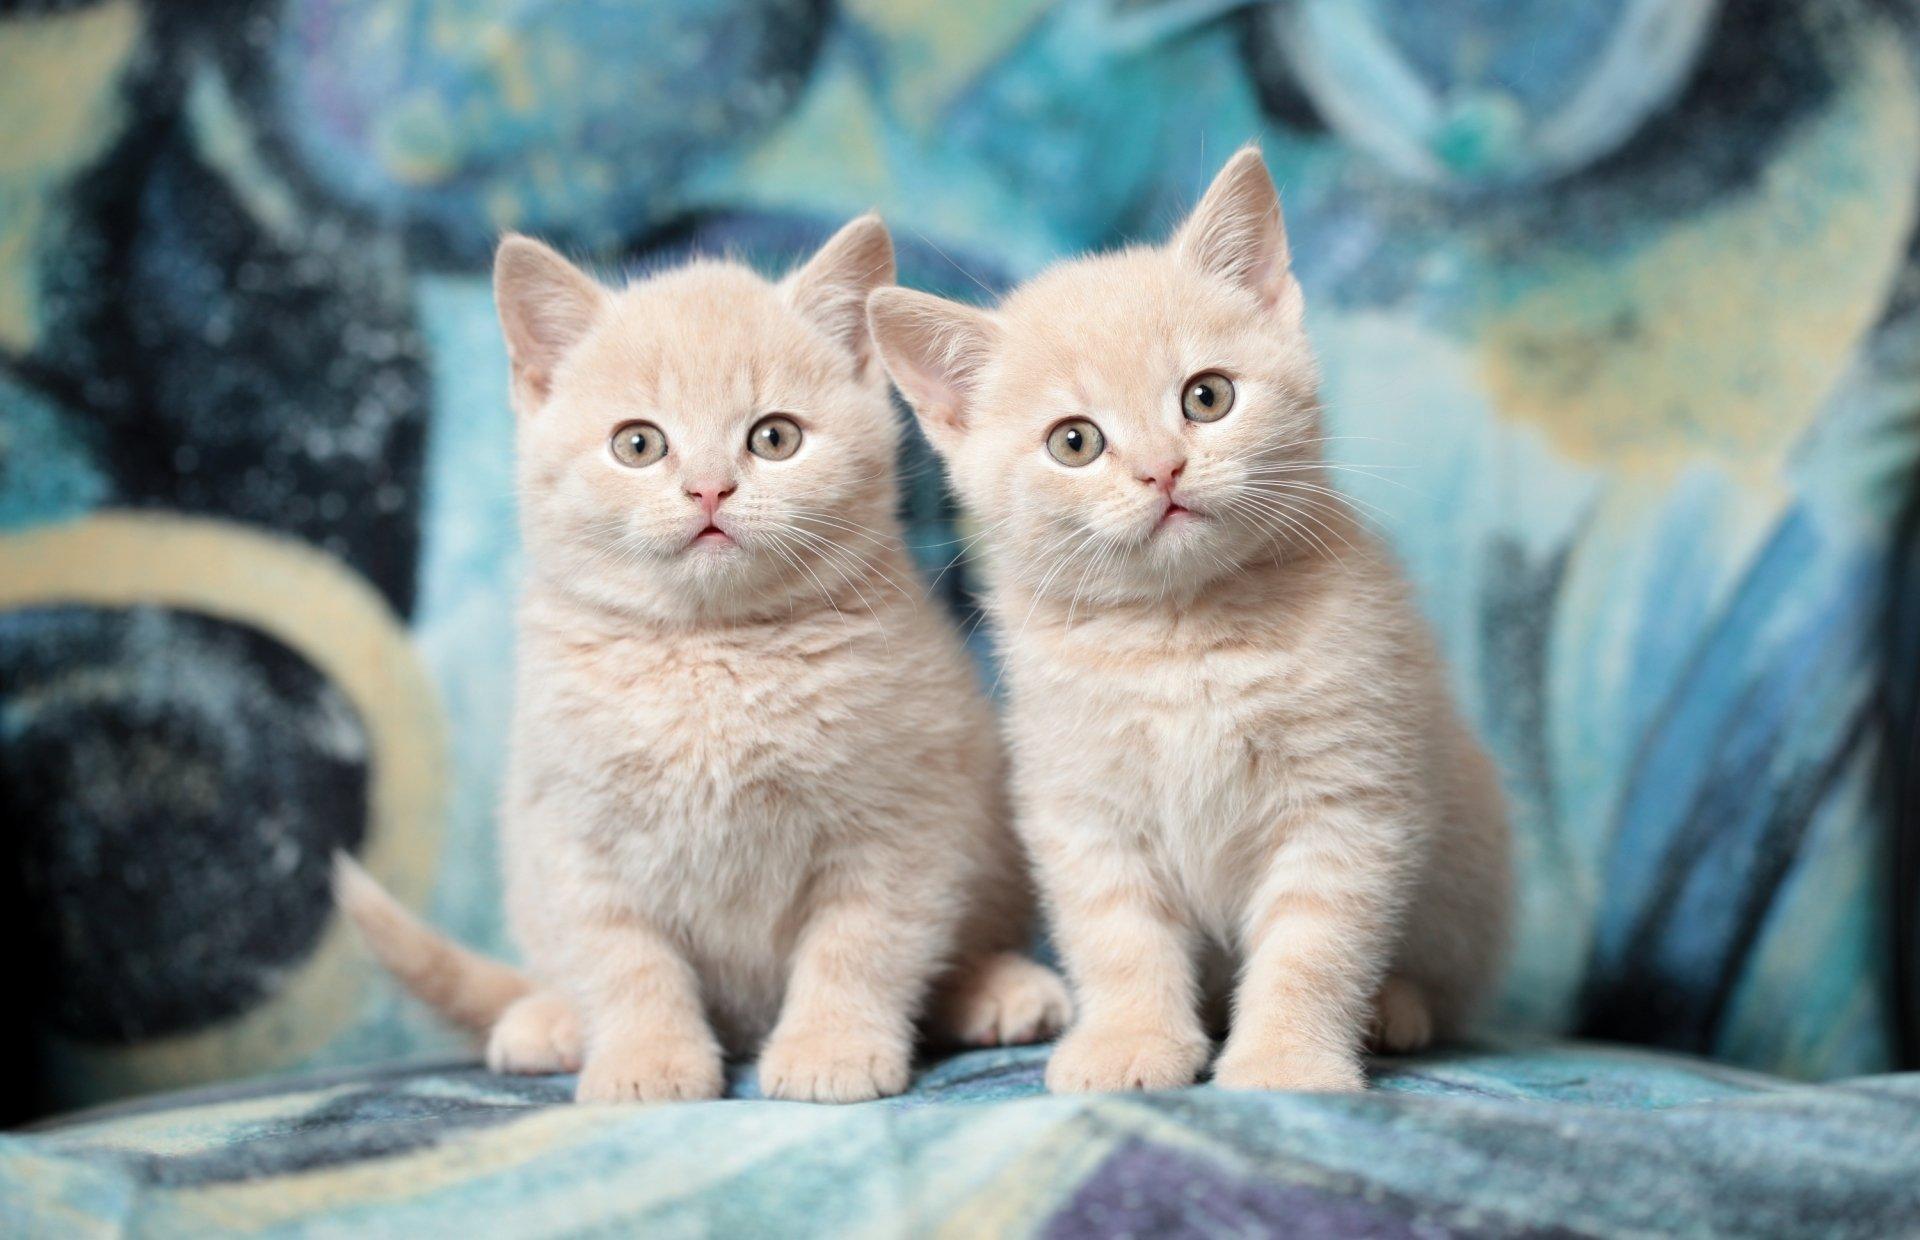 картинки на рабочий стол с котятами что